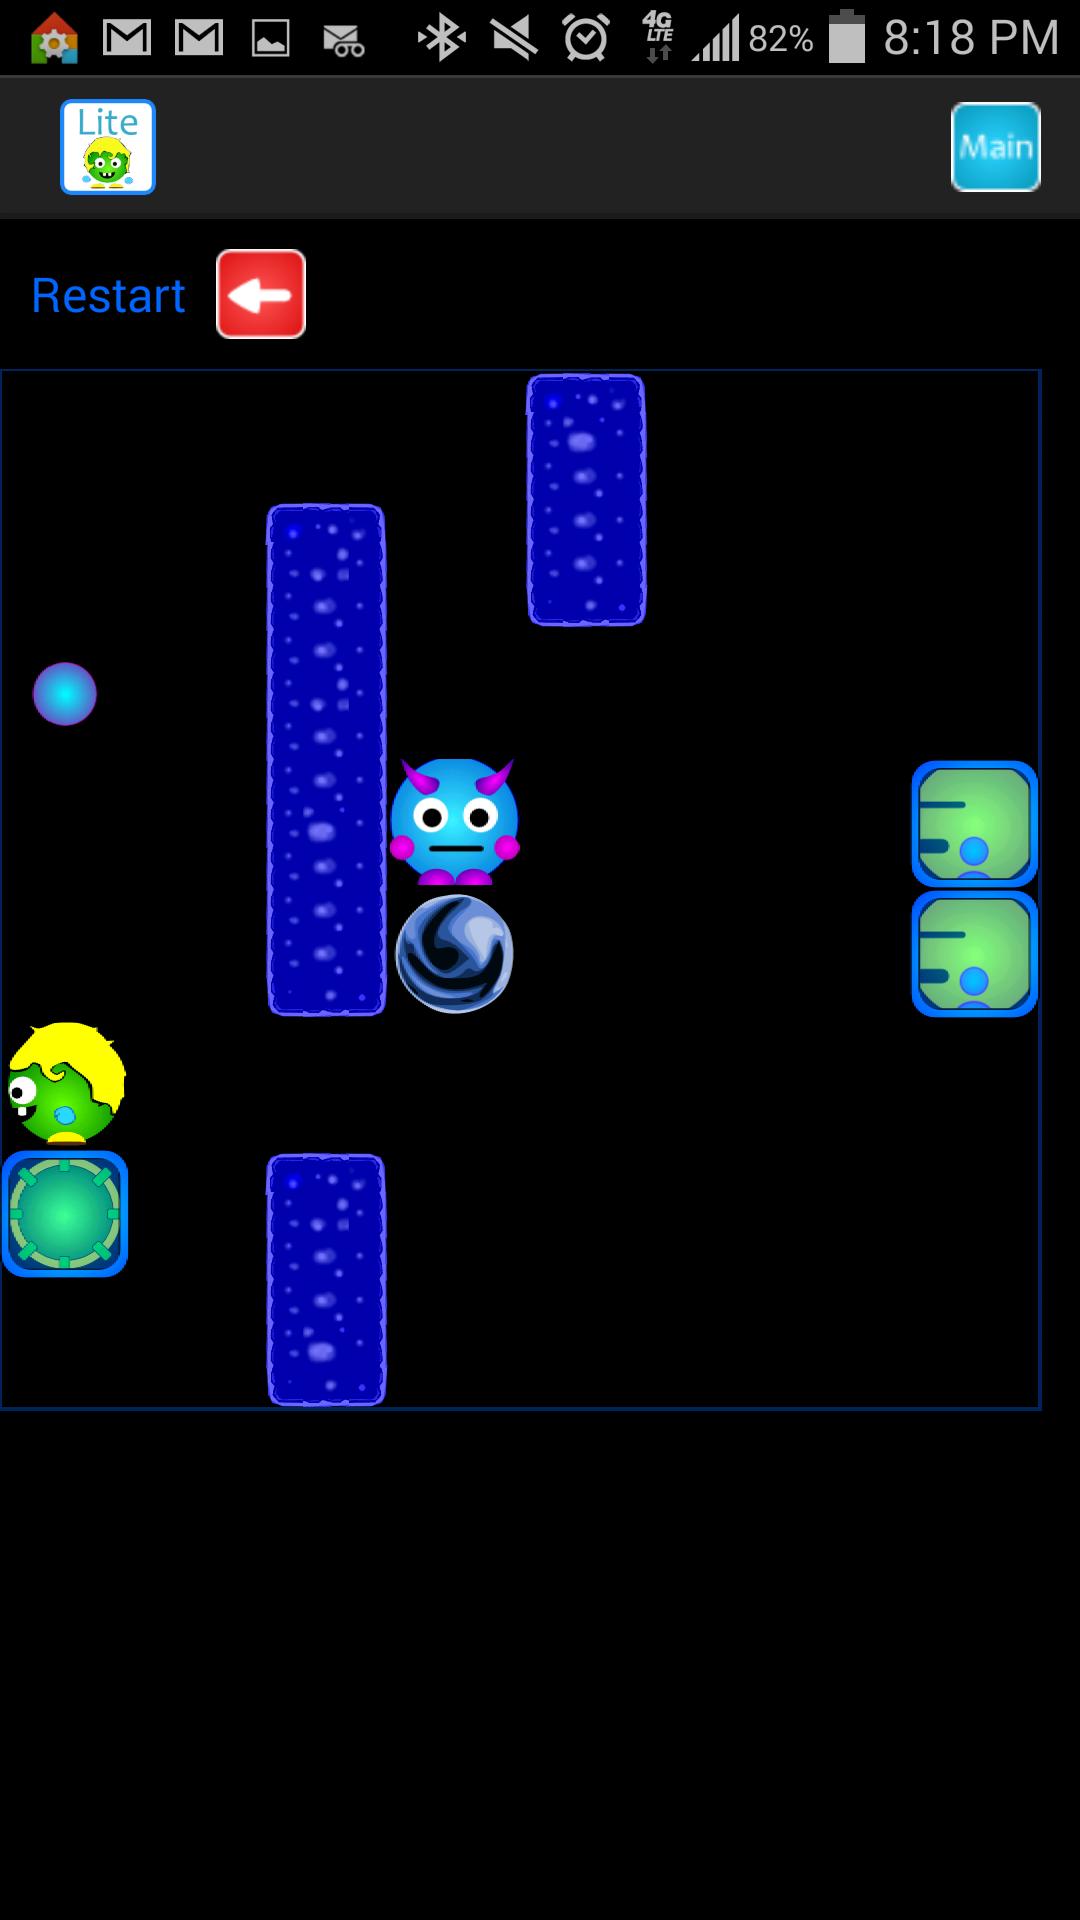 Little Green Baby Genius - Gameplay 1